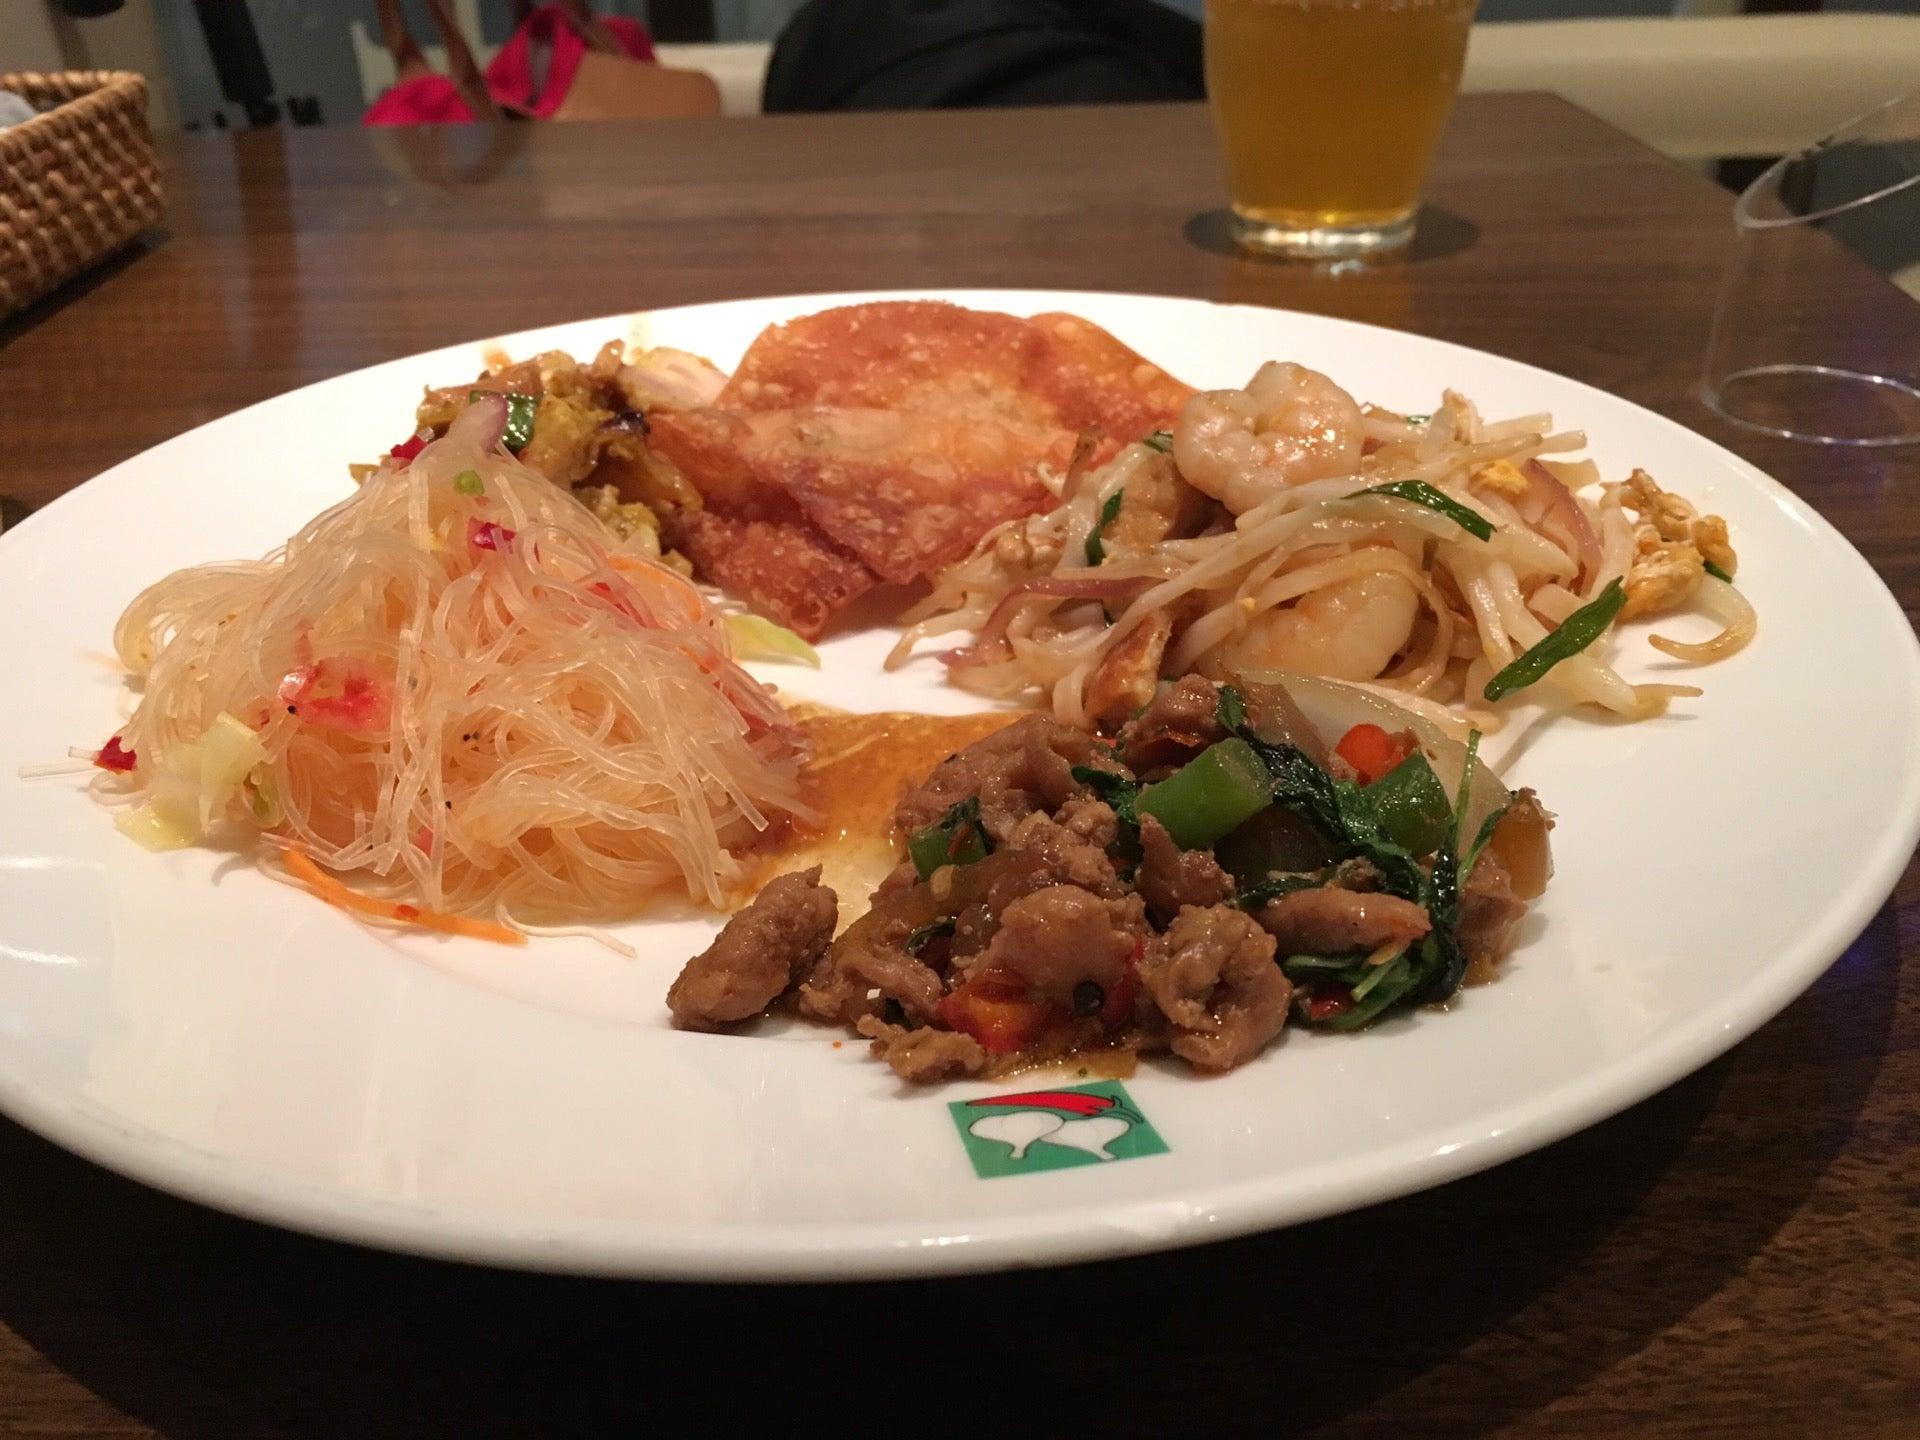 相片 - 位於新宿・代々木的バンコクキッチン 新宿店 | Bar  - 東京